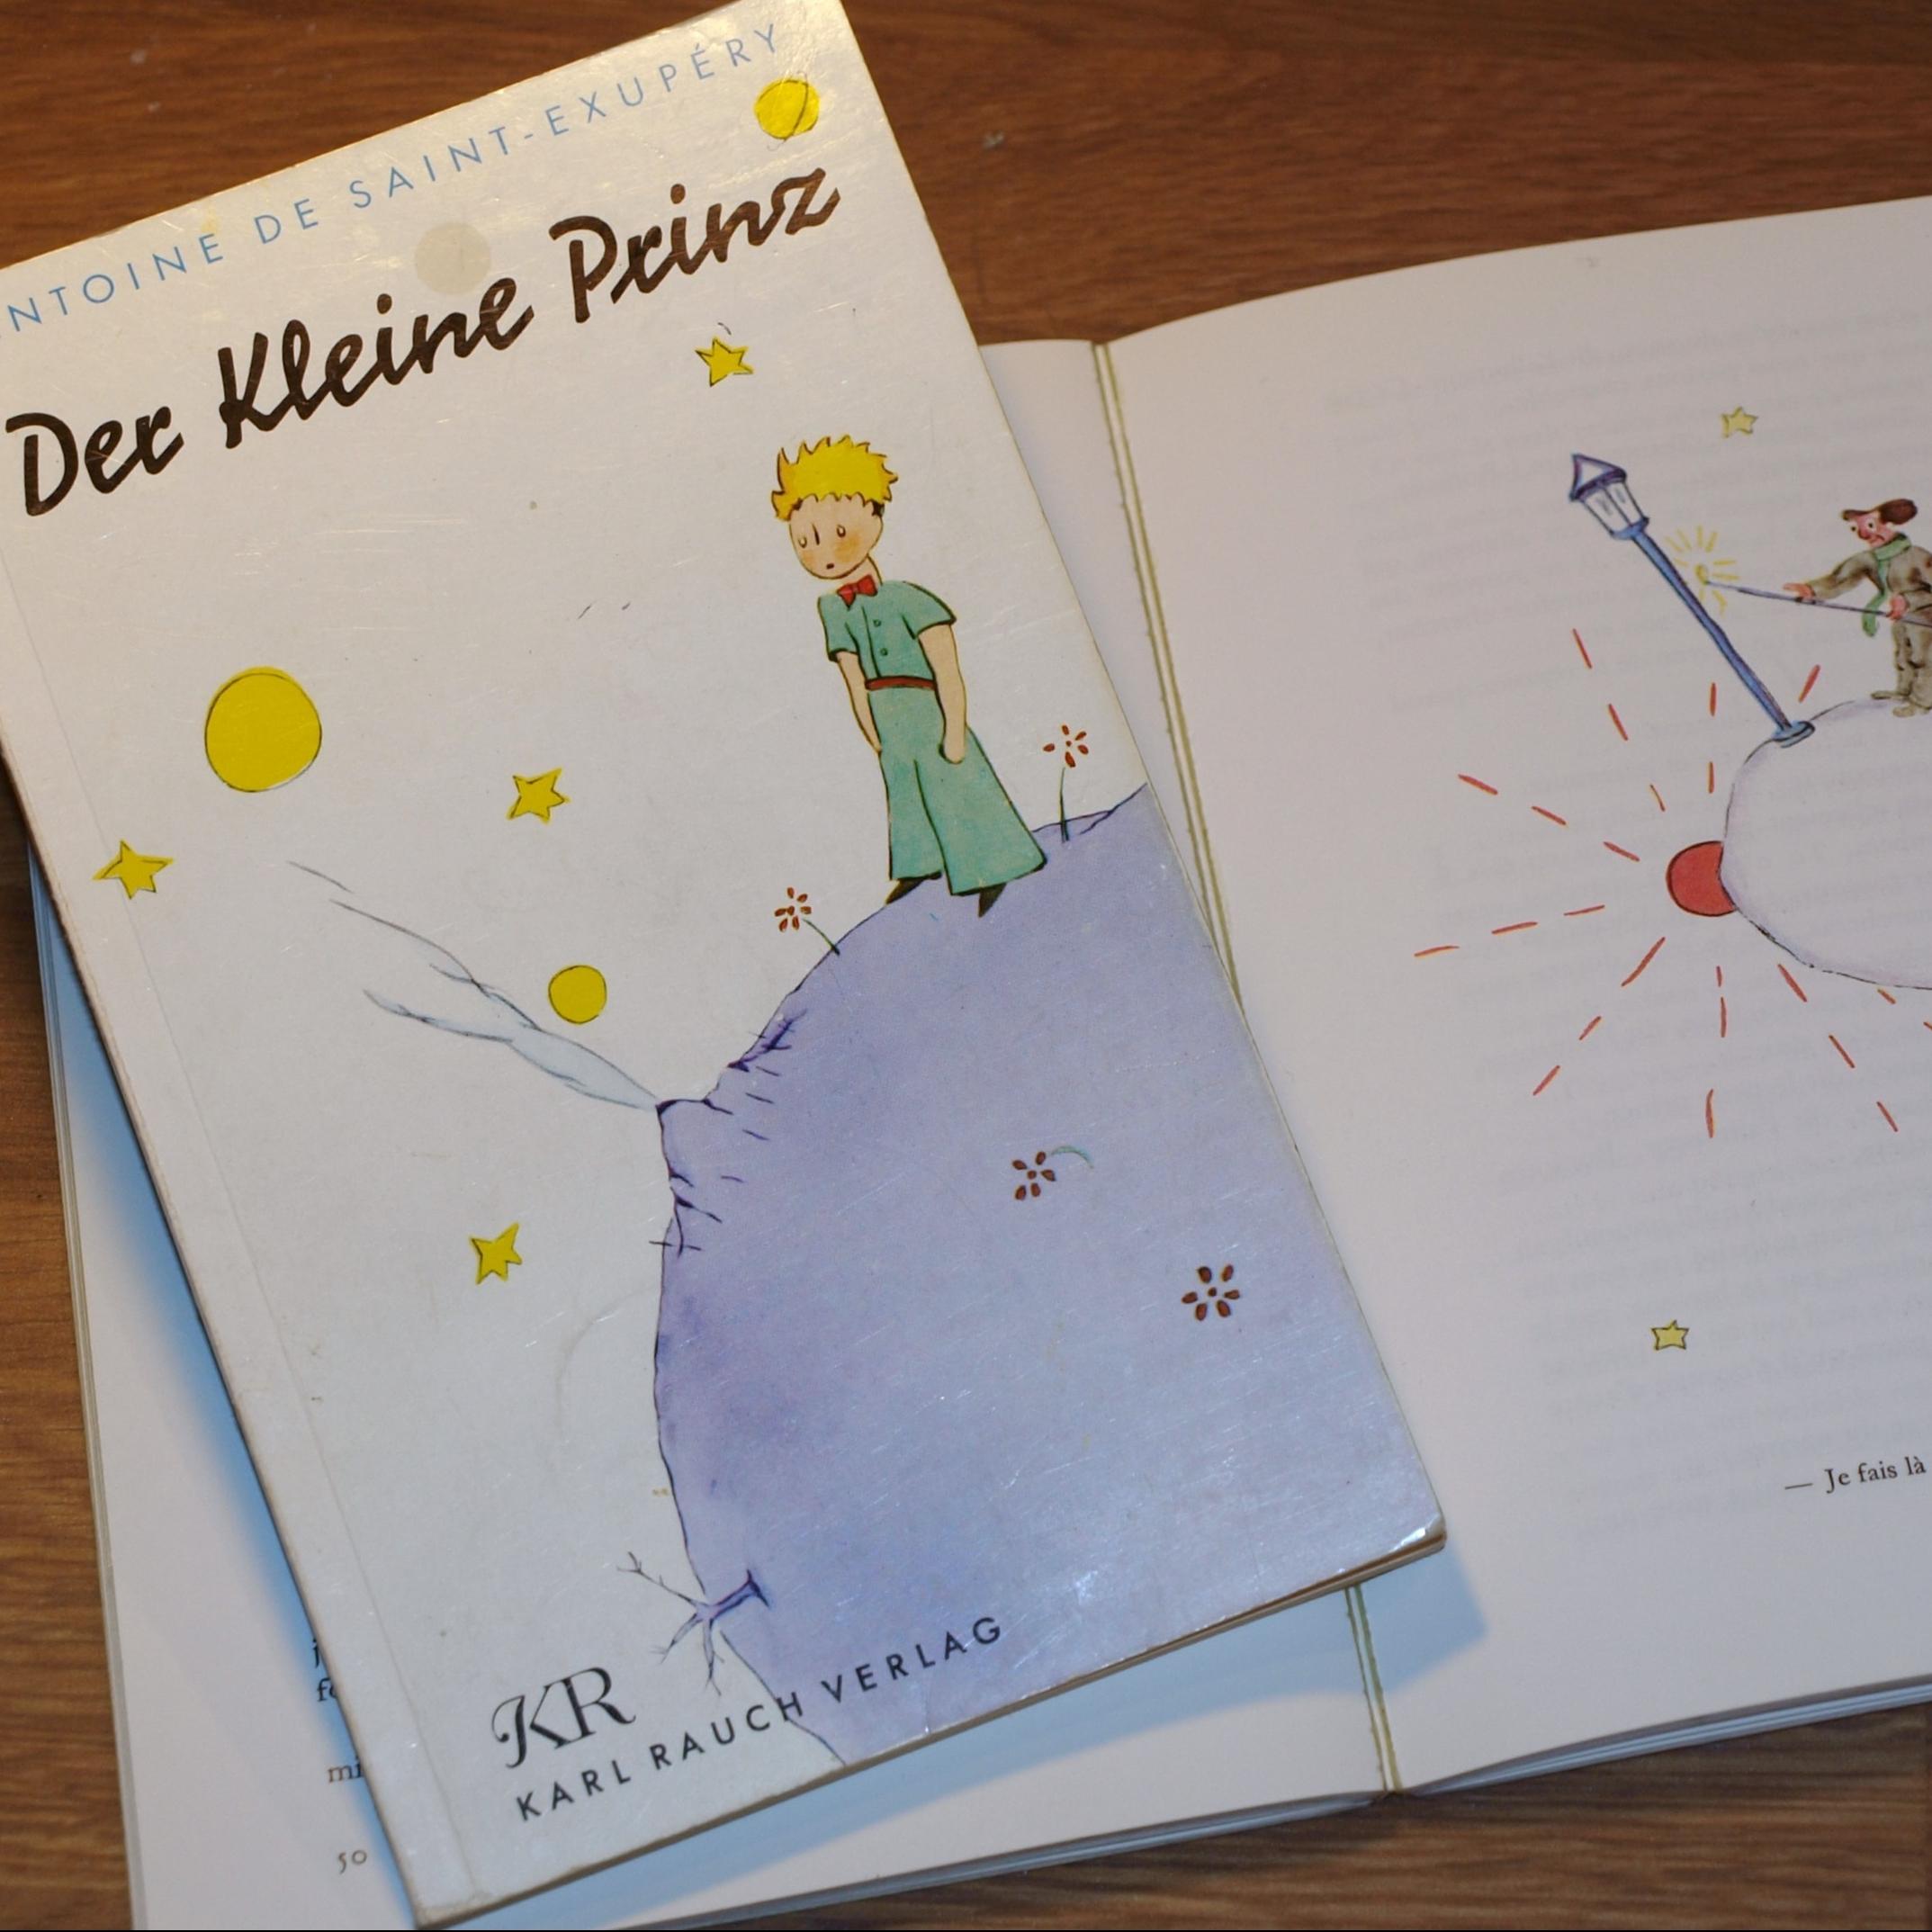 Der kleine Prinz Antoine de Saint Exupery Geburtstag Buecherherbst Buecherblog